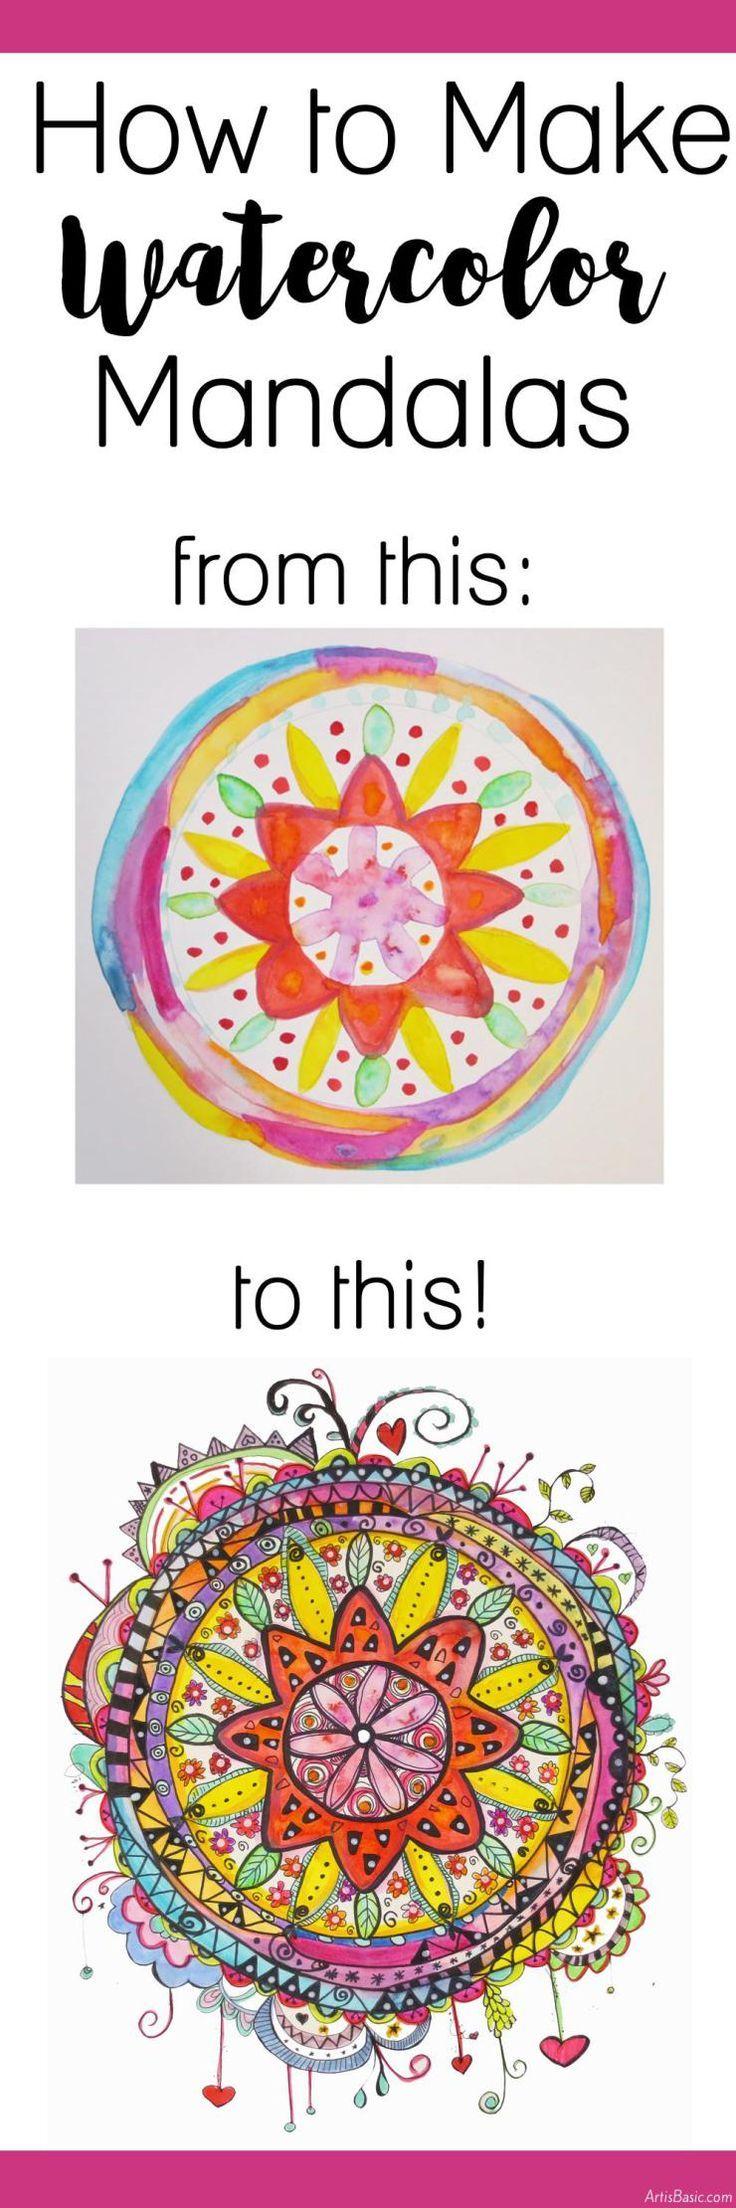 How to Make Watercolor Mandalas